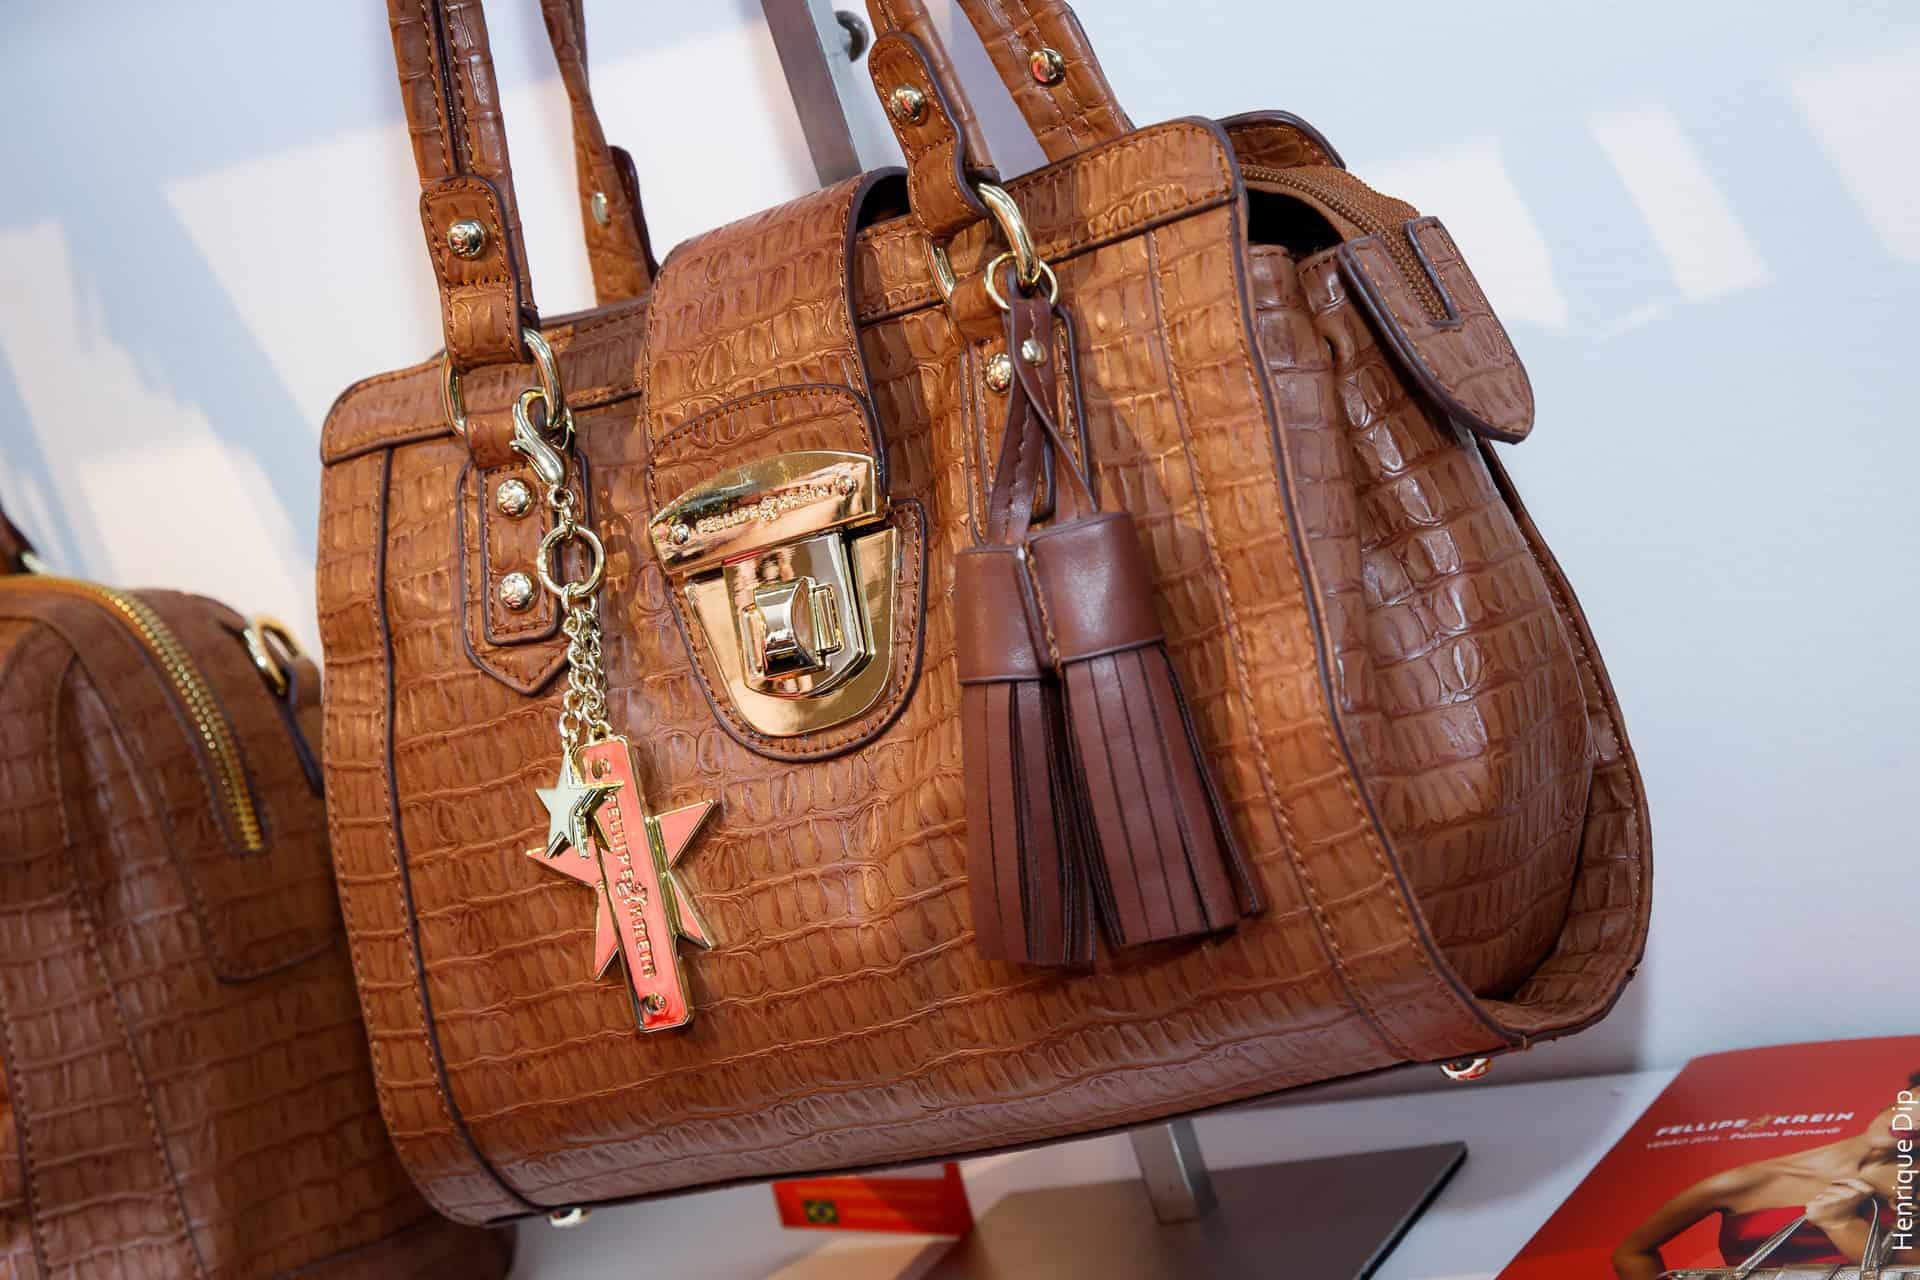 ec29bc0dd Se vocês gostaram das bolsas, a coleção Fellipe Krein by Paloma Bernardi  chega à loja conceito da marca localizada no Shopping Anália Franco, em São  Paulo e ...